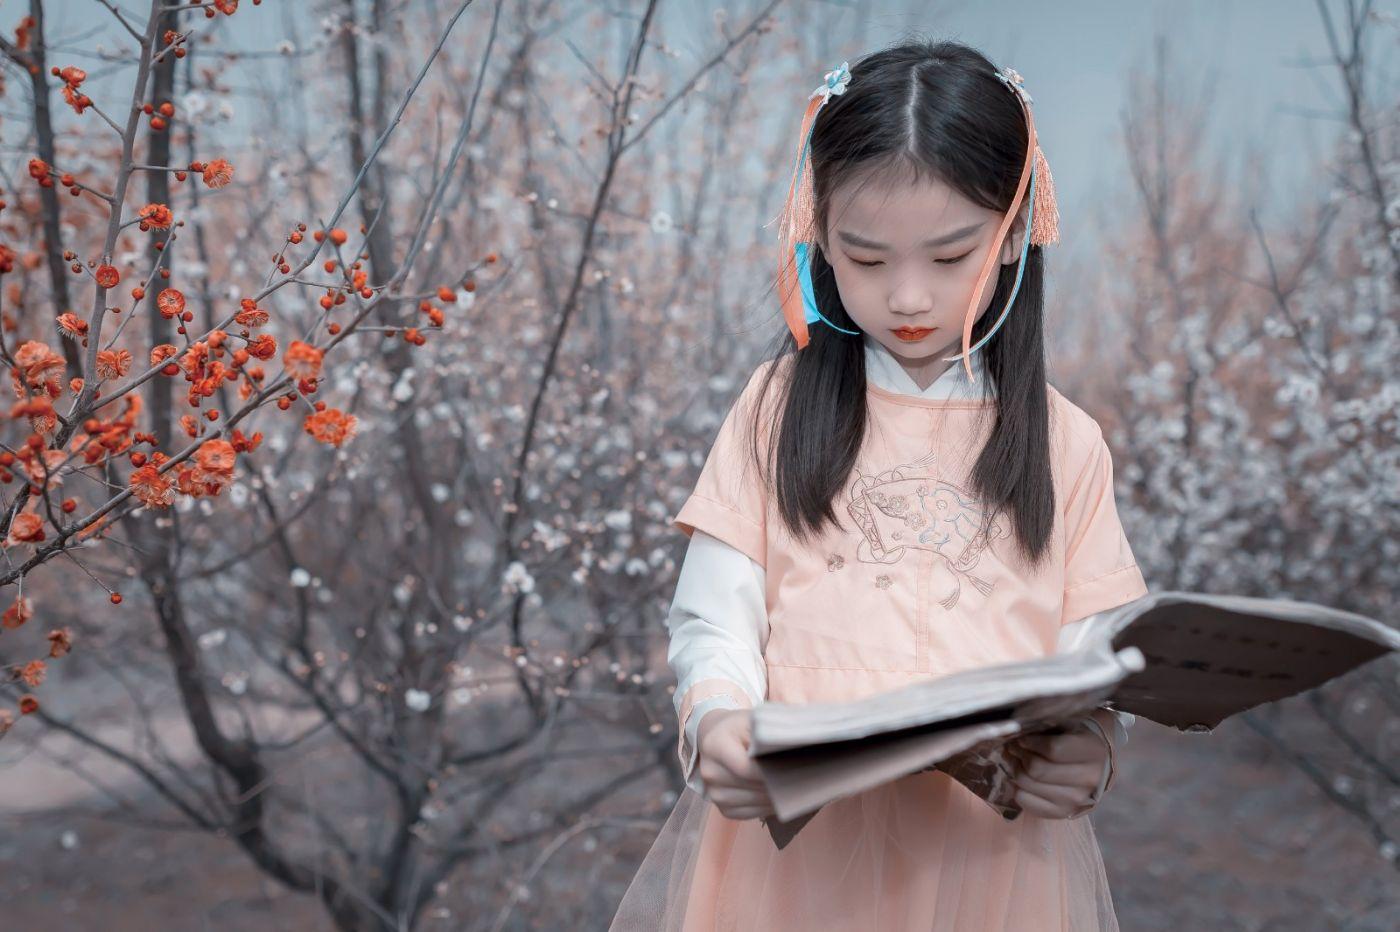 梅林馀妍不争春 小小仙女下凡尘 在费县拍摄小小仙女候依琳_图1-10